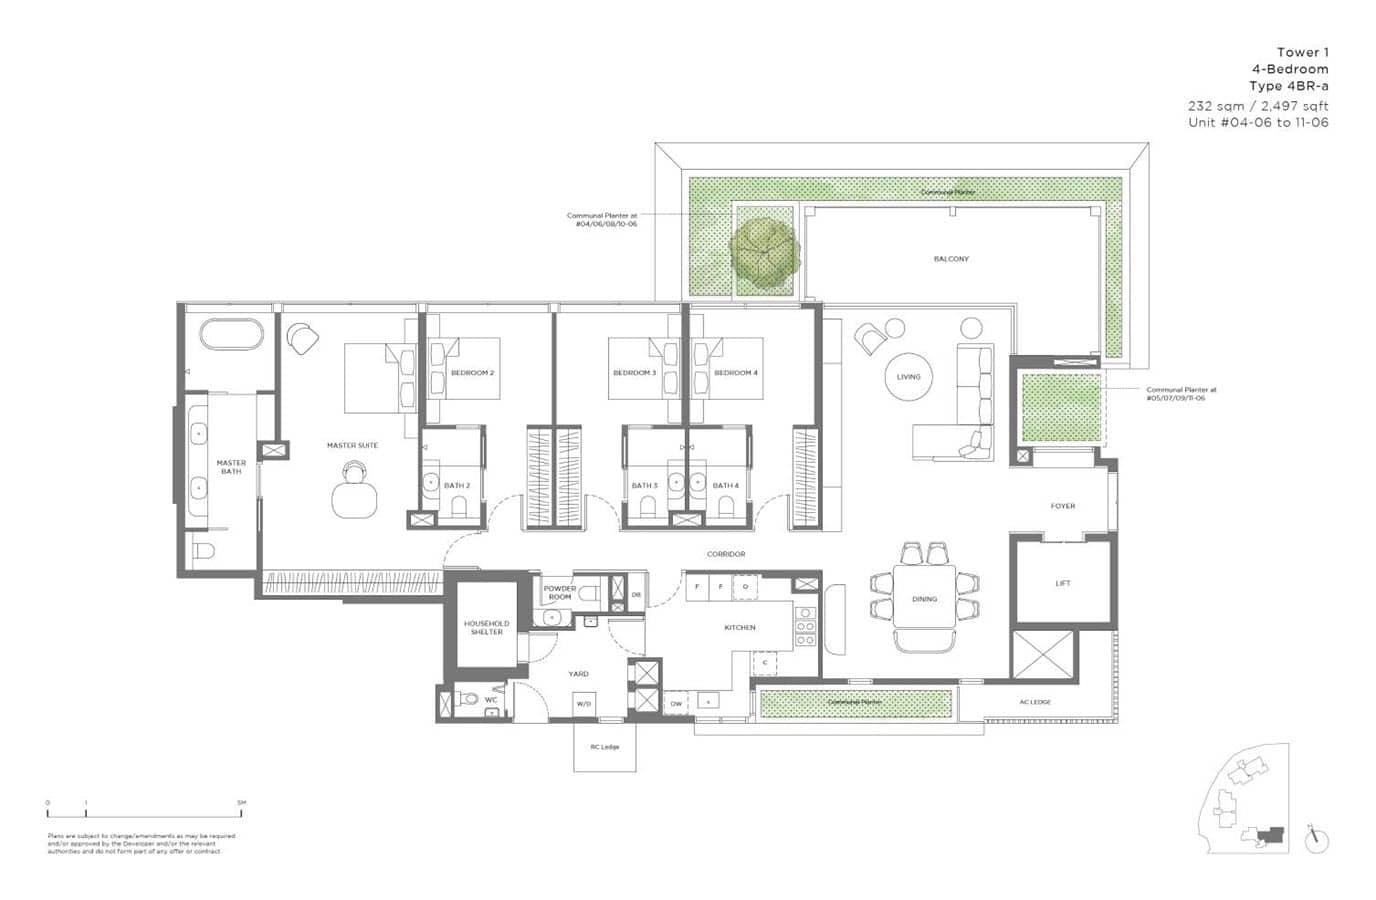 15 Holland Hill - Floor Plan - 4 Bedroom 4BR-a